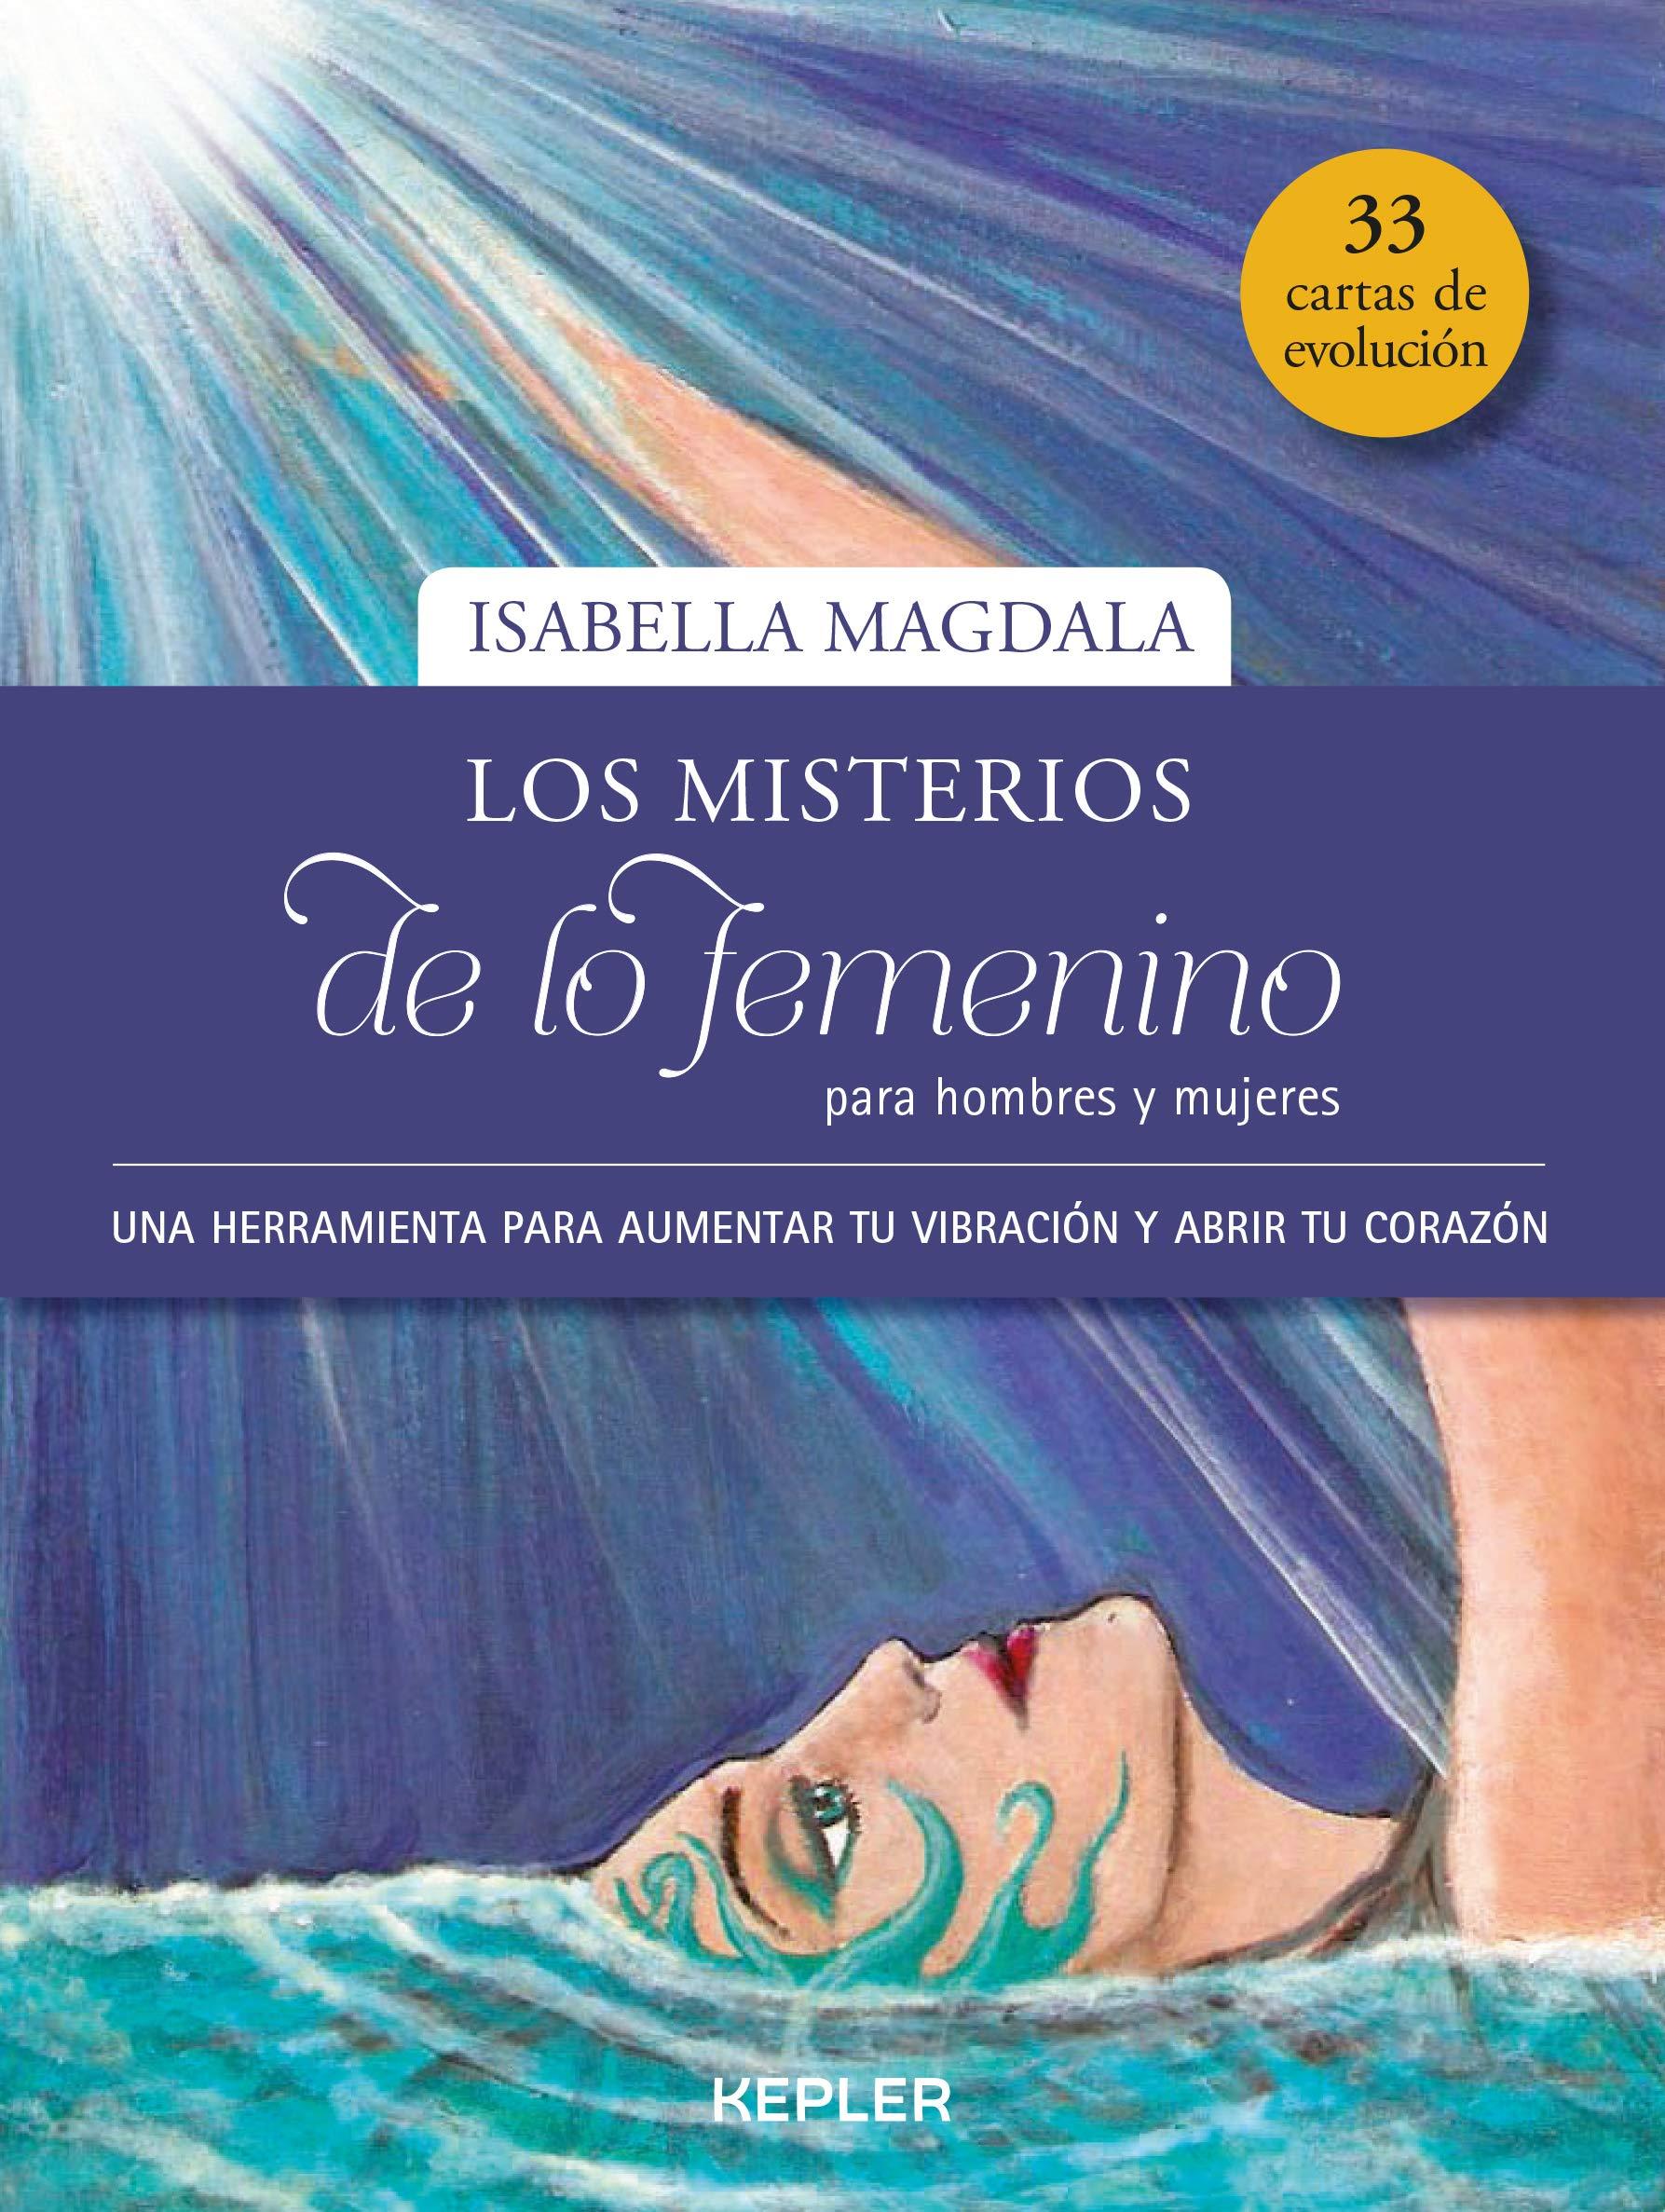 Los misterios de lo femenino para hombres y mujeres Kepler ...